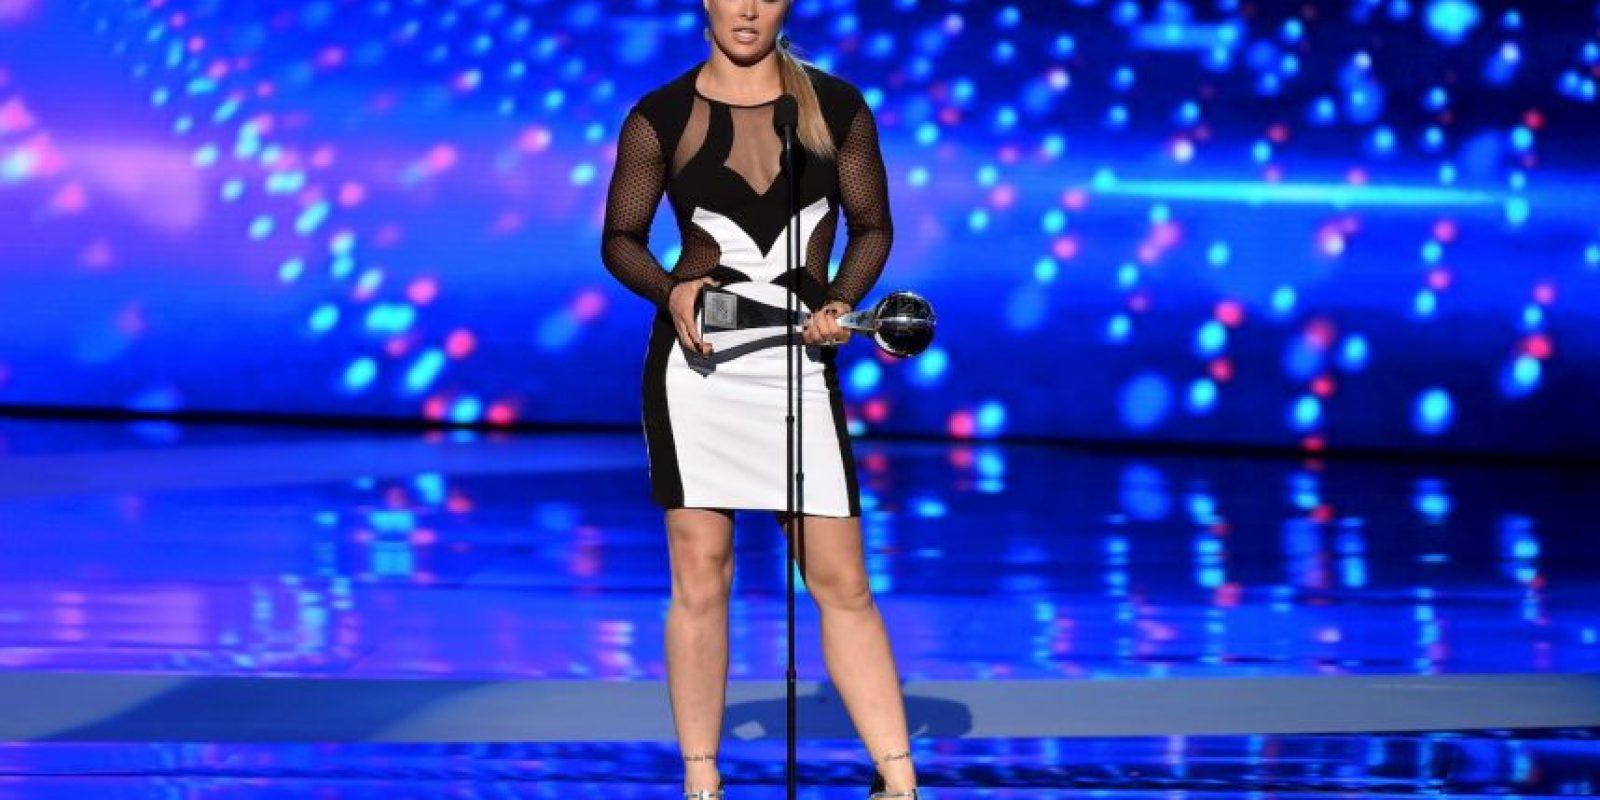 """Todo comenzó cuando Rousey superó a Mayweather en la categoría de """"Mejor Peleador del Año"""" de los Premios ESPYS. Foto:Getty Images"""